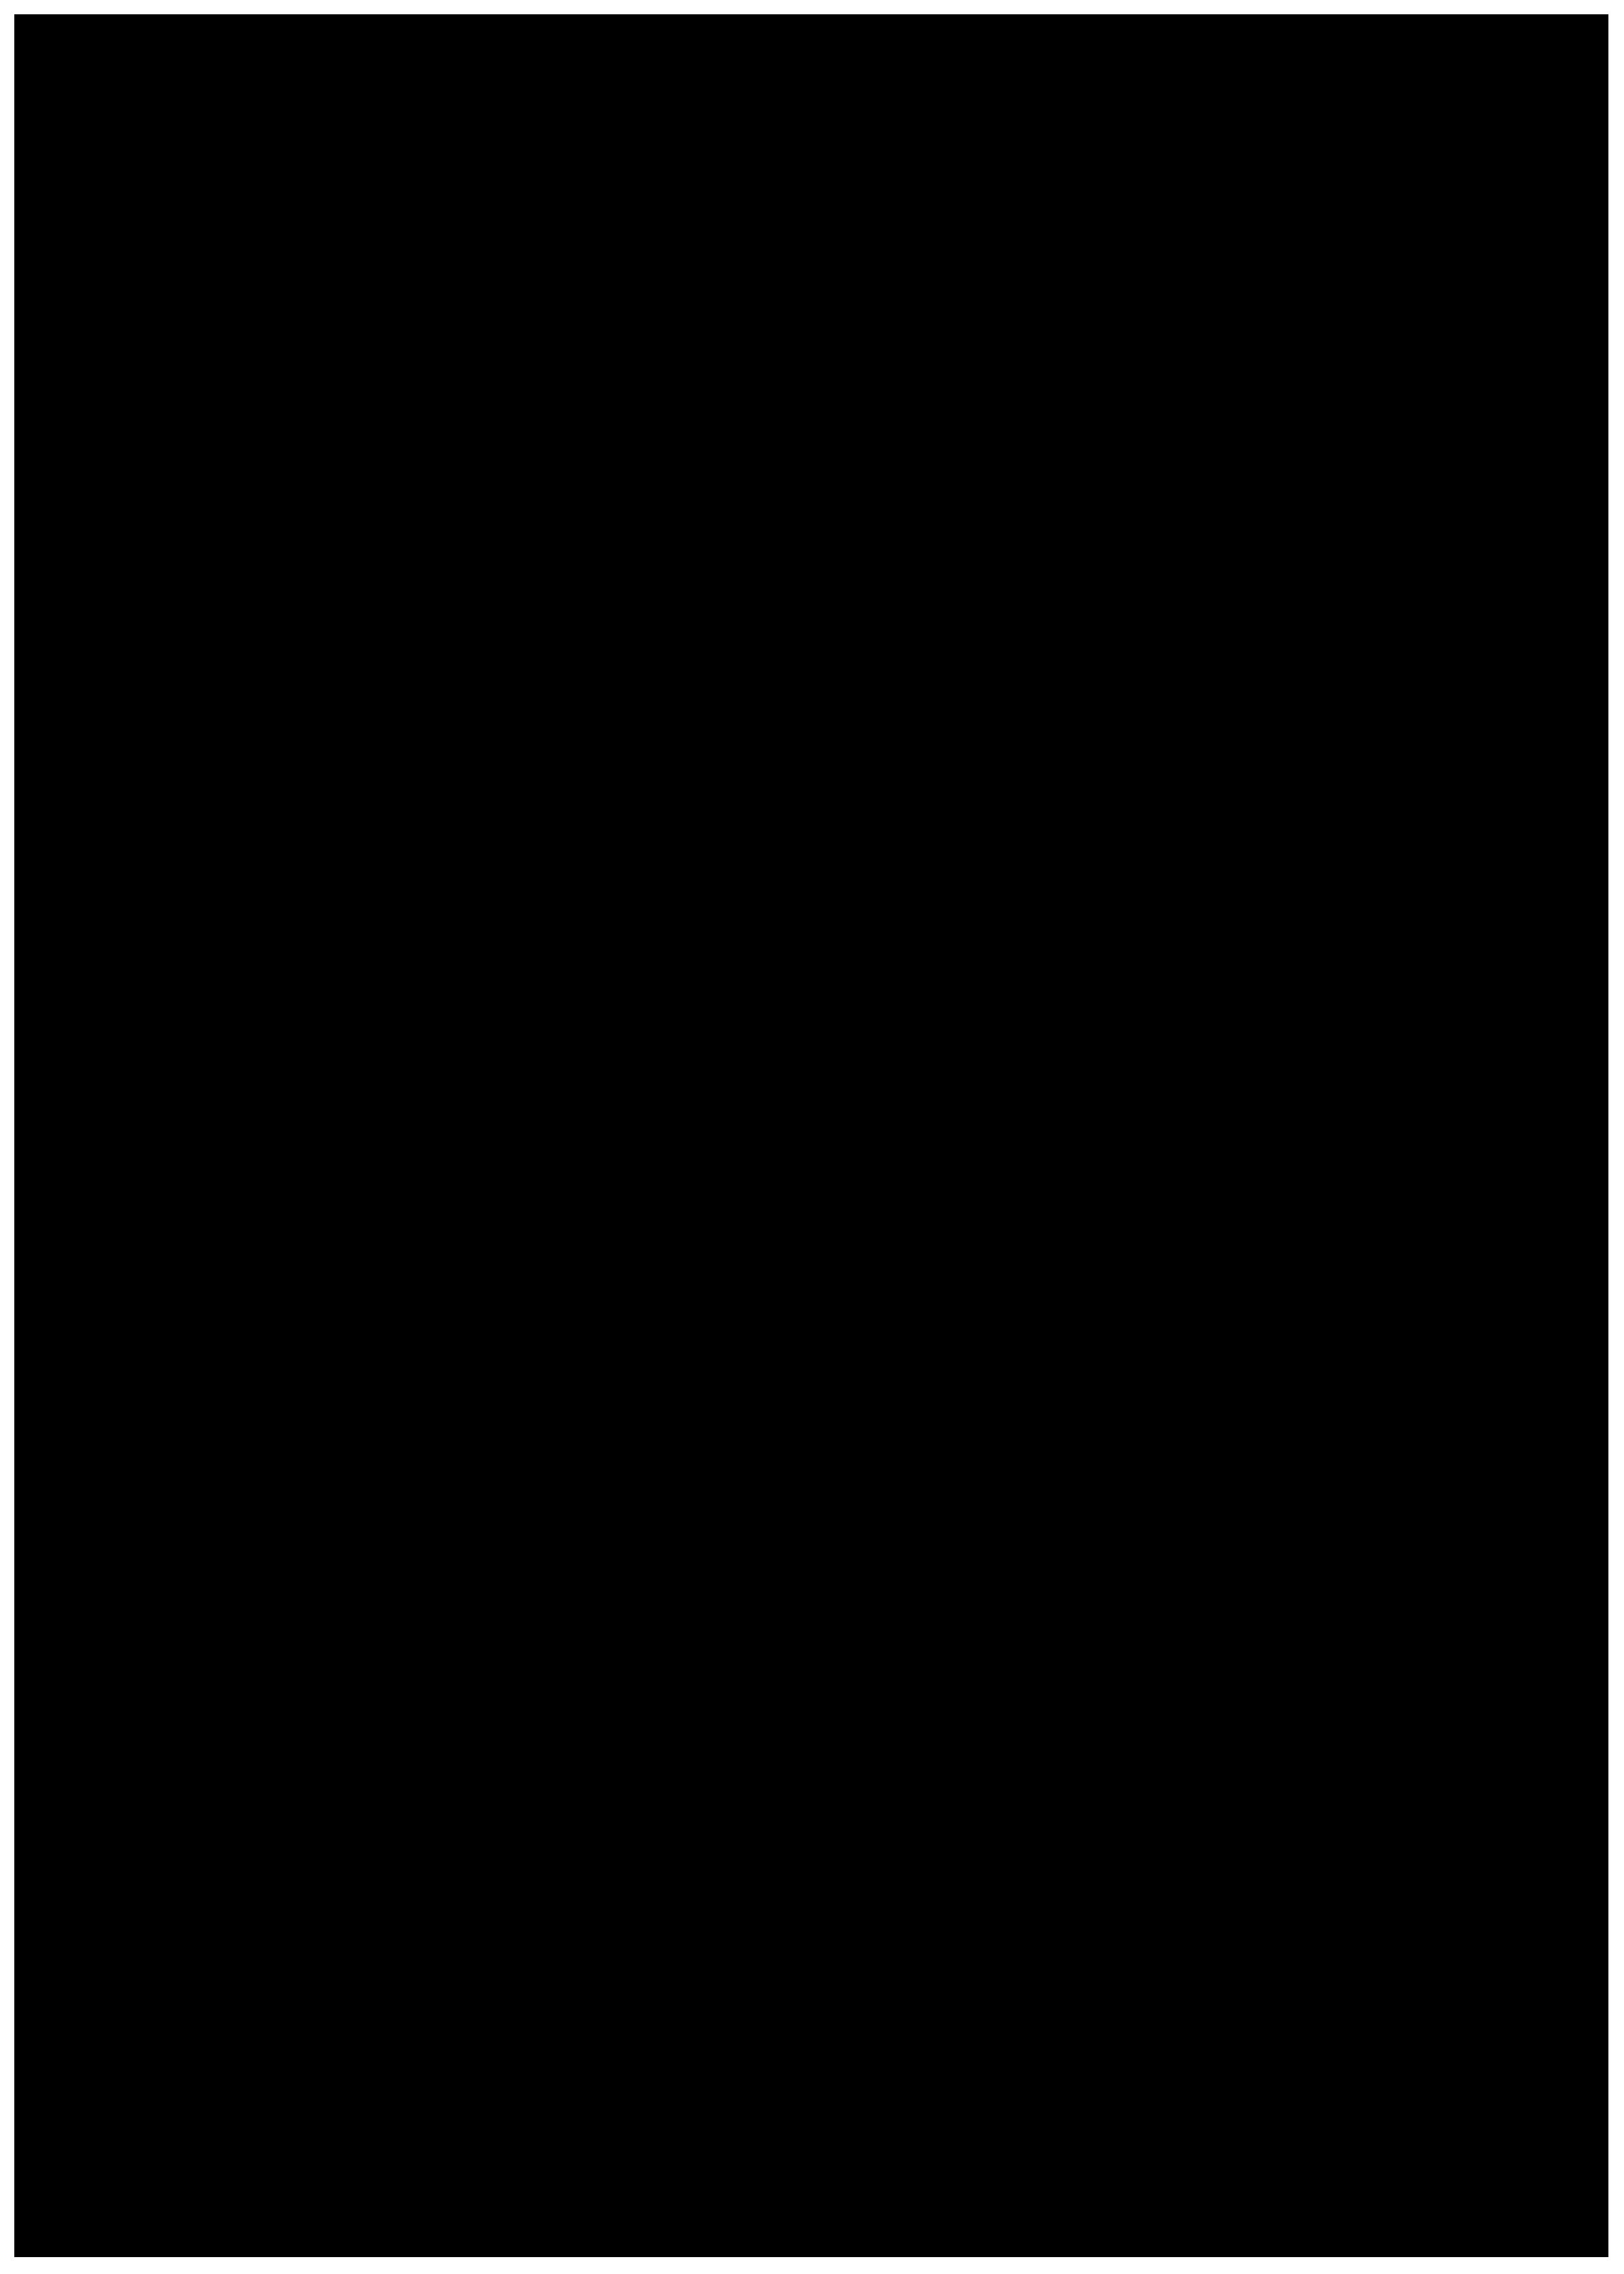 Square Centimeter Graph Paper